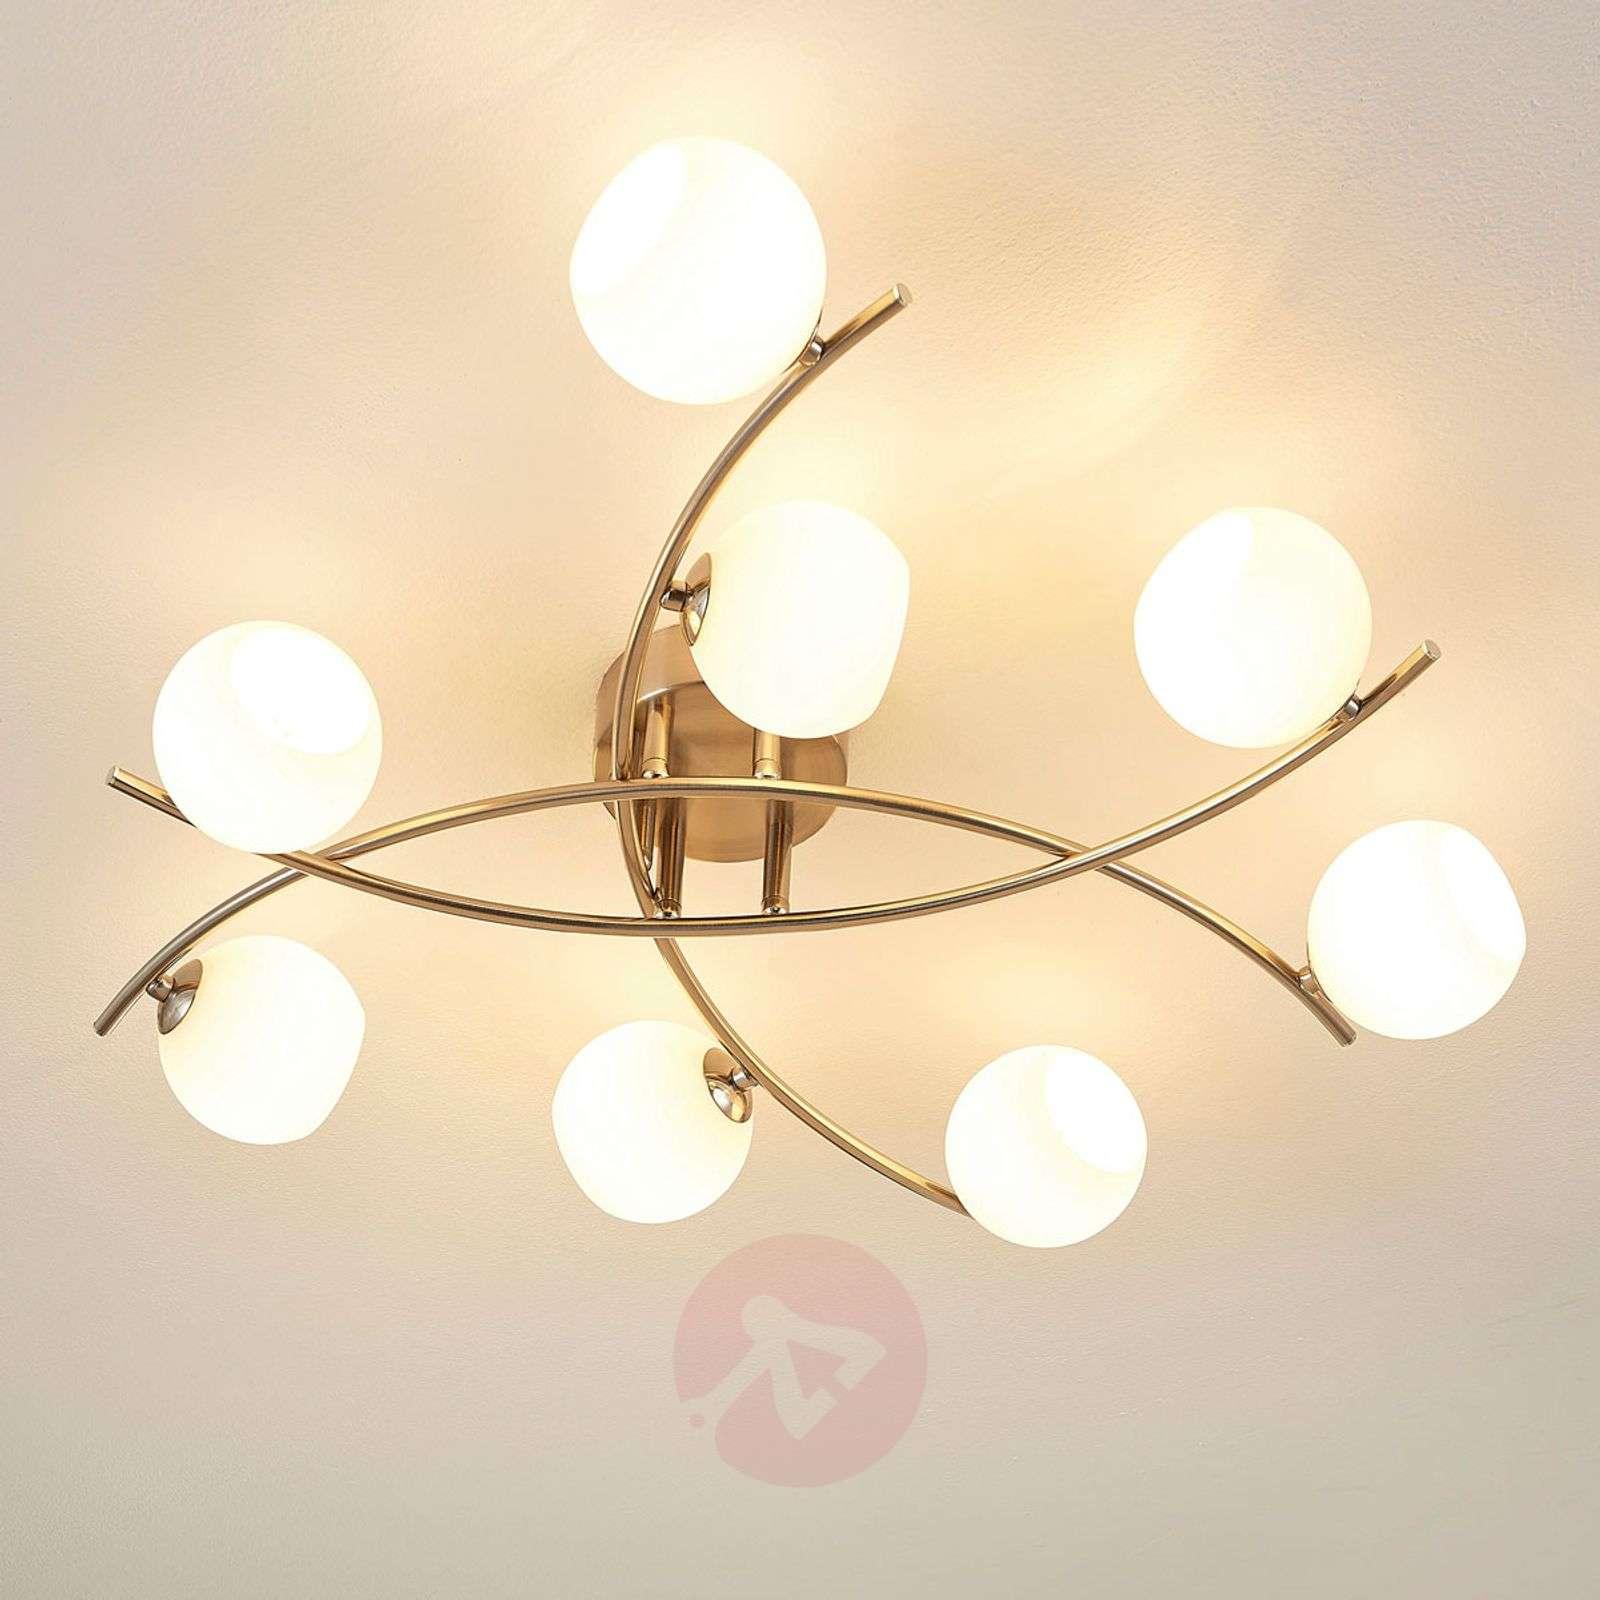 8-light ceiling light Muriel with opal glass-9620570-01